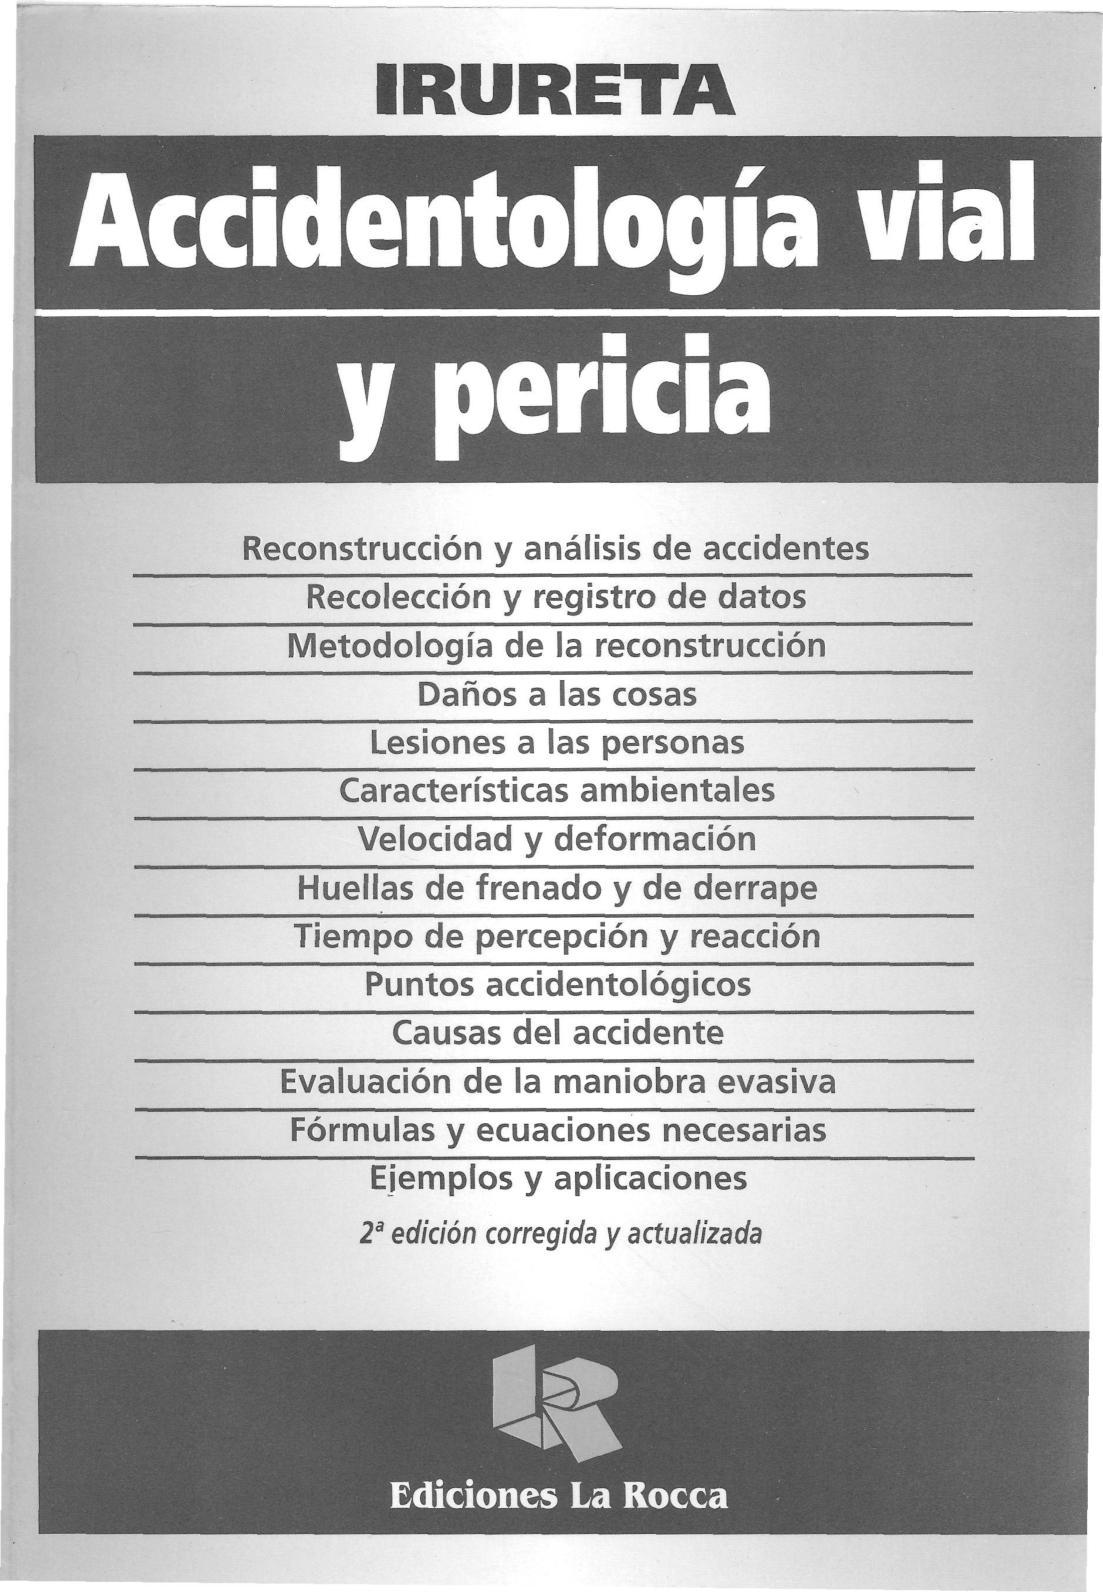 ACCIDENTOLOGÍA VIAL Y PERICIA (Victor Irureta).